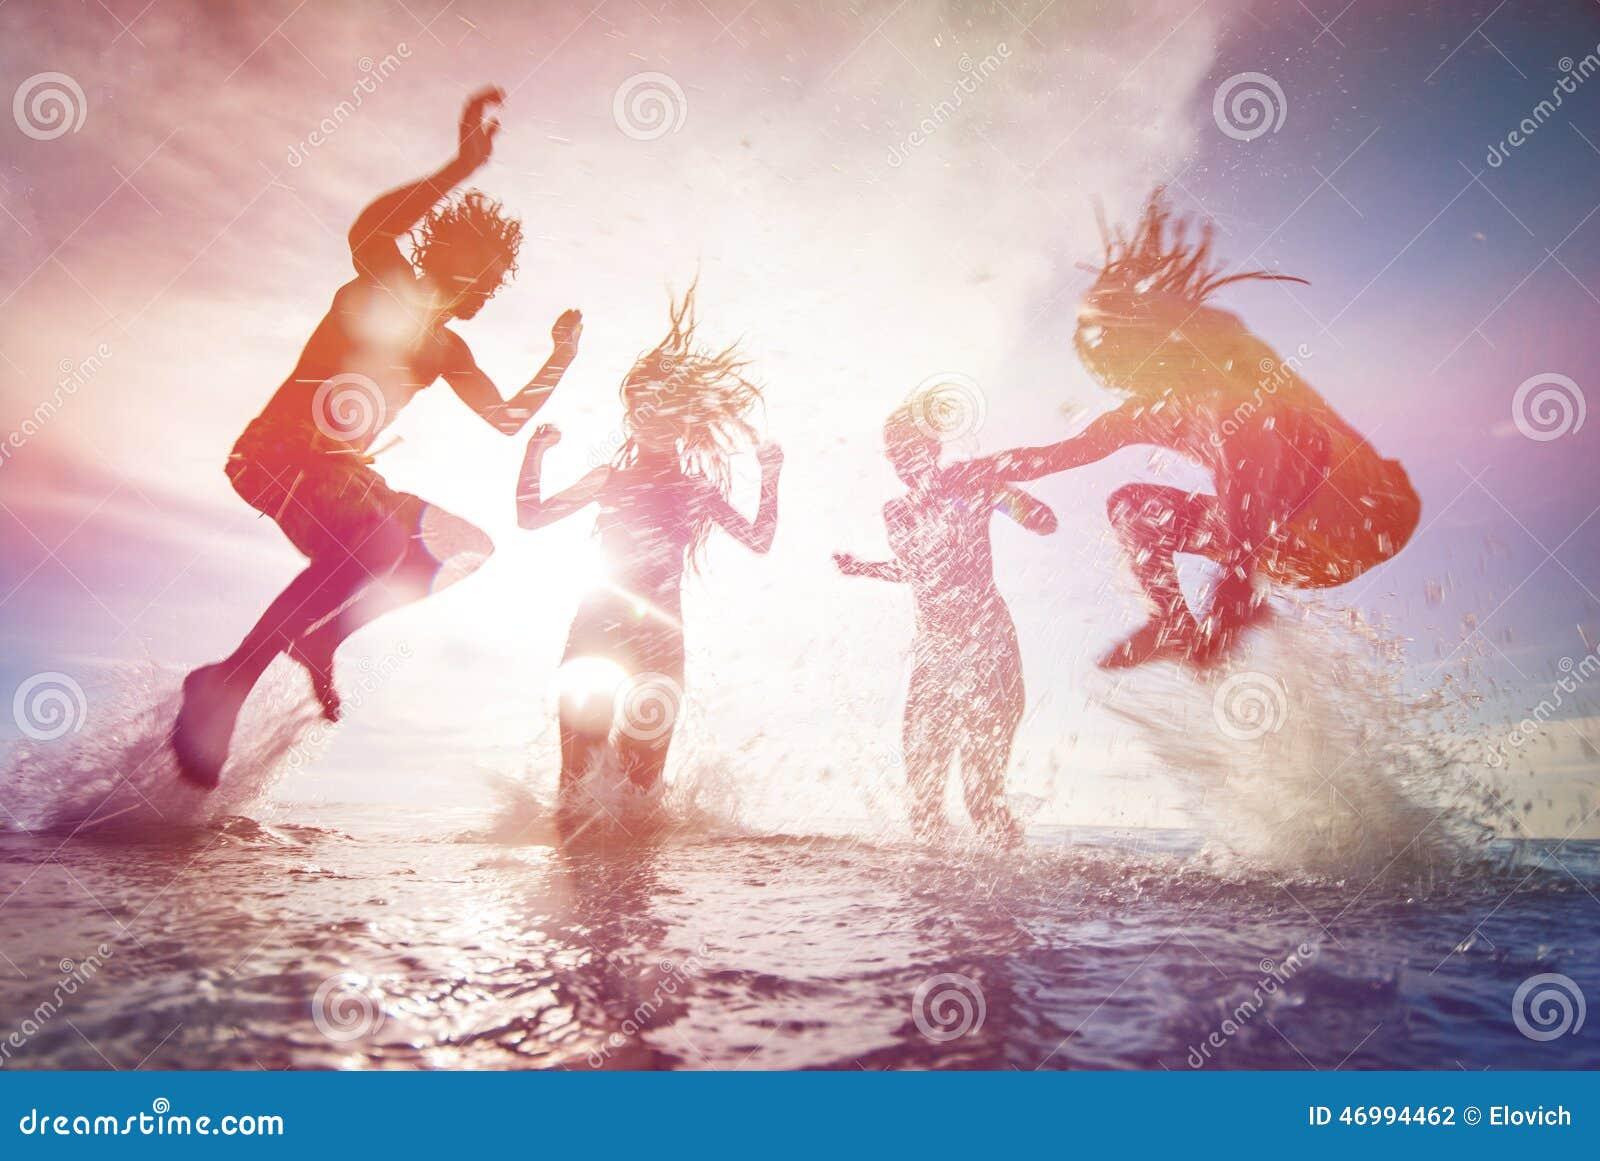 Silhouetten van gelukkige jongeren